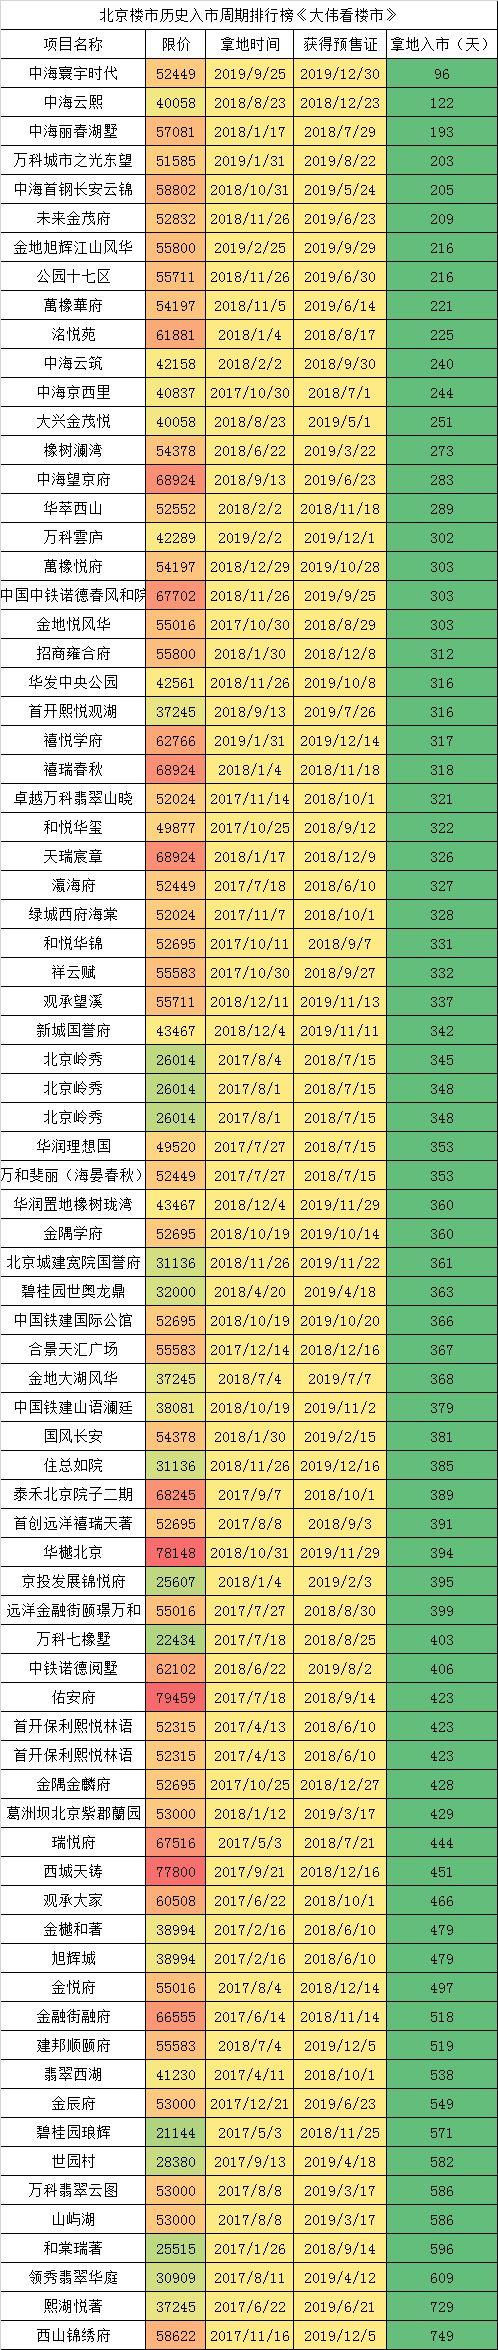 北京楼市2020年谁将是大赢家?!